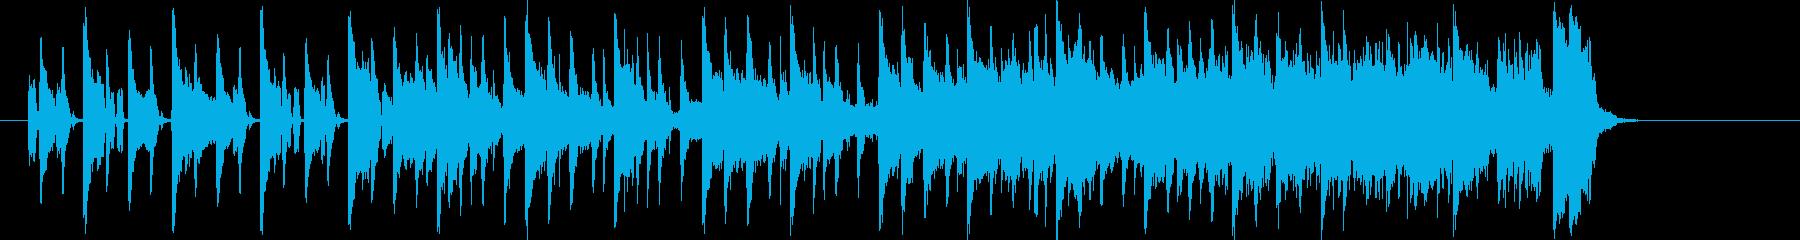 時間が迫っている時のジングル曲、BGMの再生済みの波形